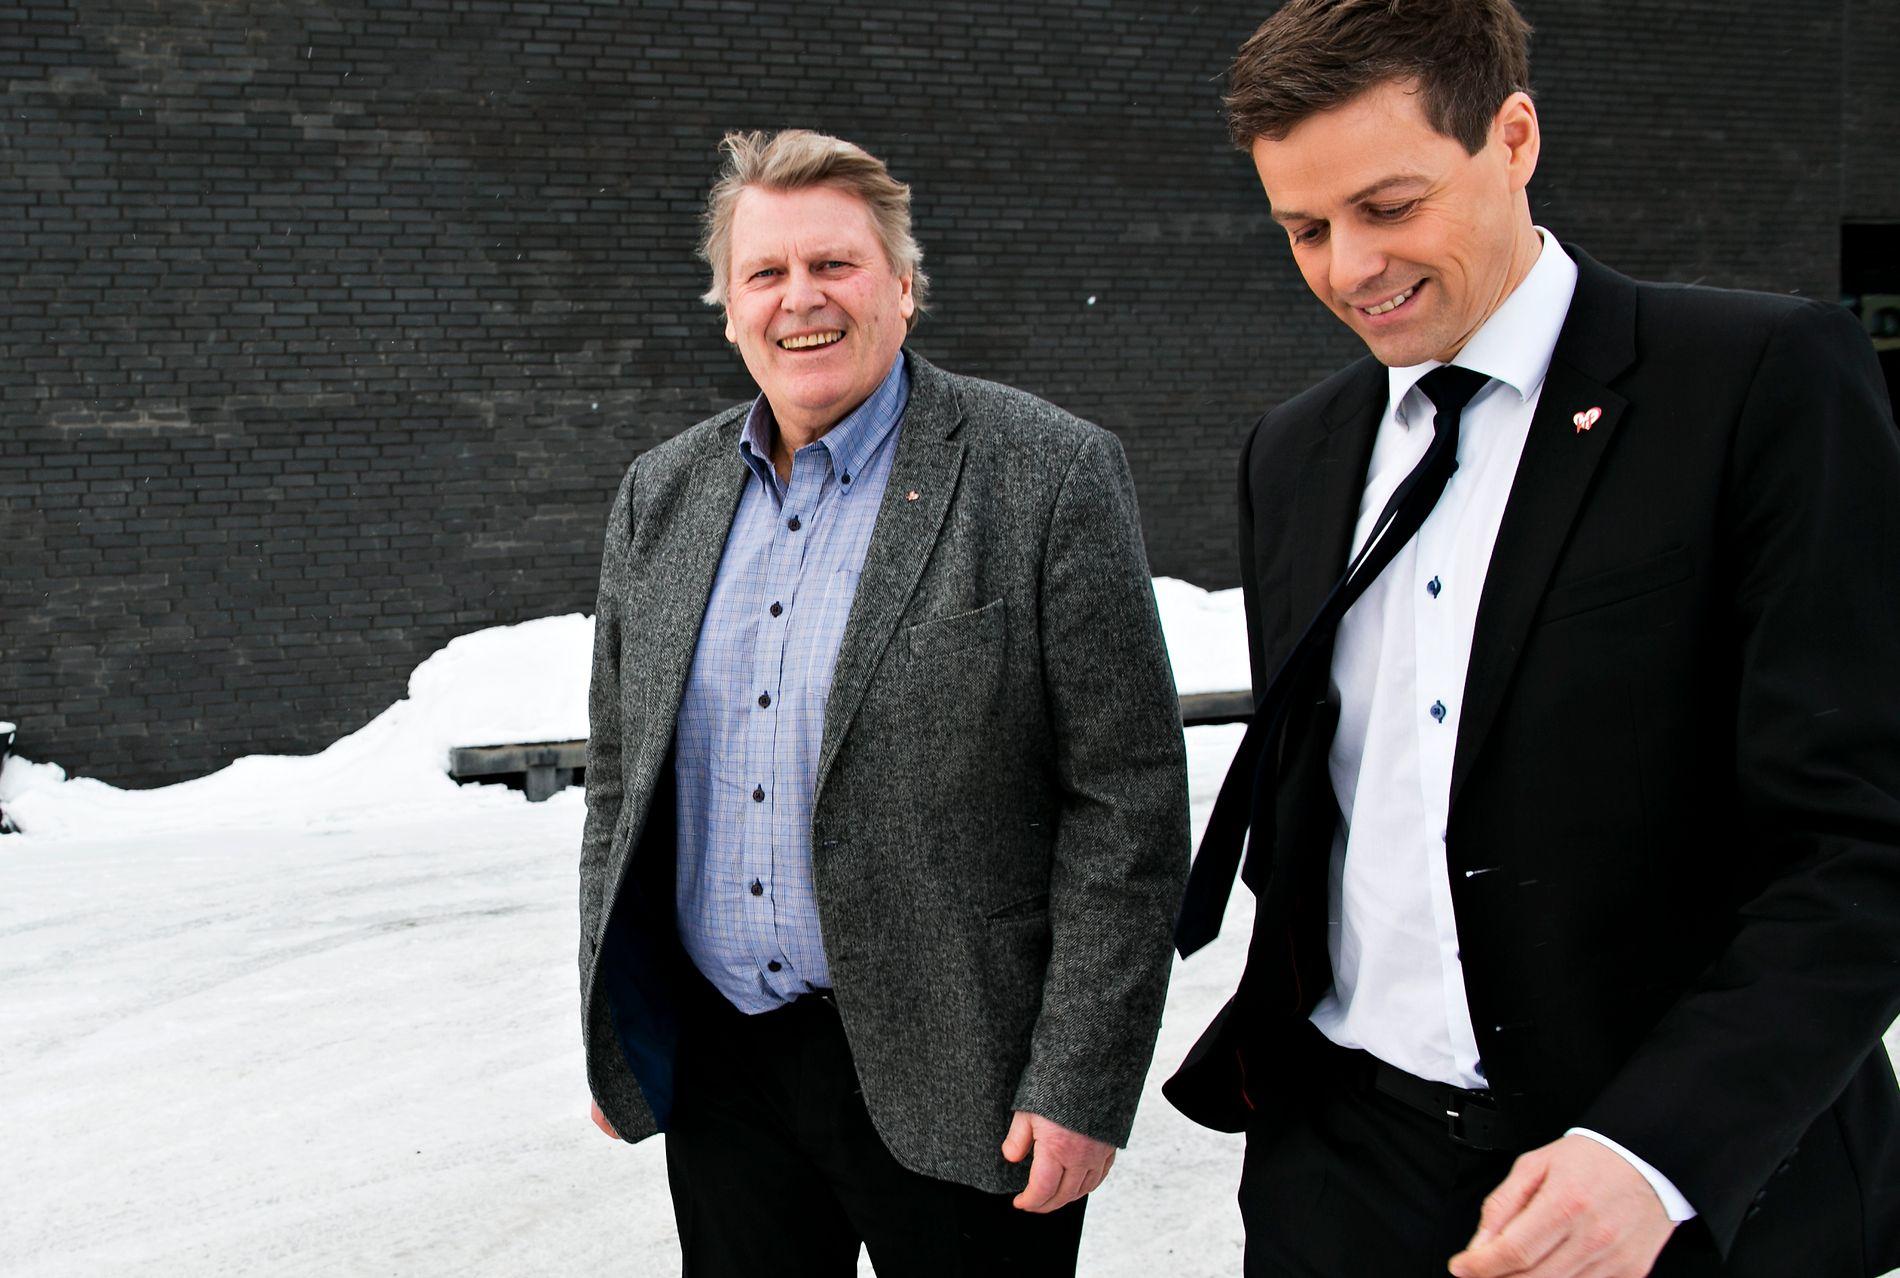 INGEN PARADEMARSJ: Stortingsrepresentant Hans Fredrik Grøvan (til venstre) og partileder Knut Arild Hareide, her sammen utenfor KrFs landskonferanse på Scandic Hotel Gardermoen i januar 2015.